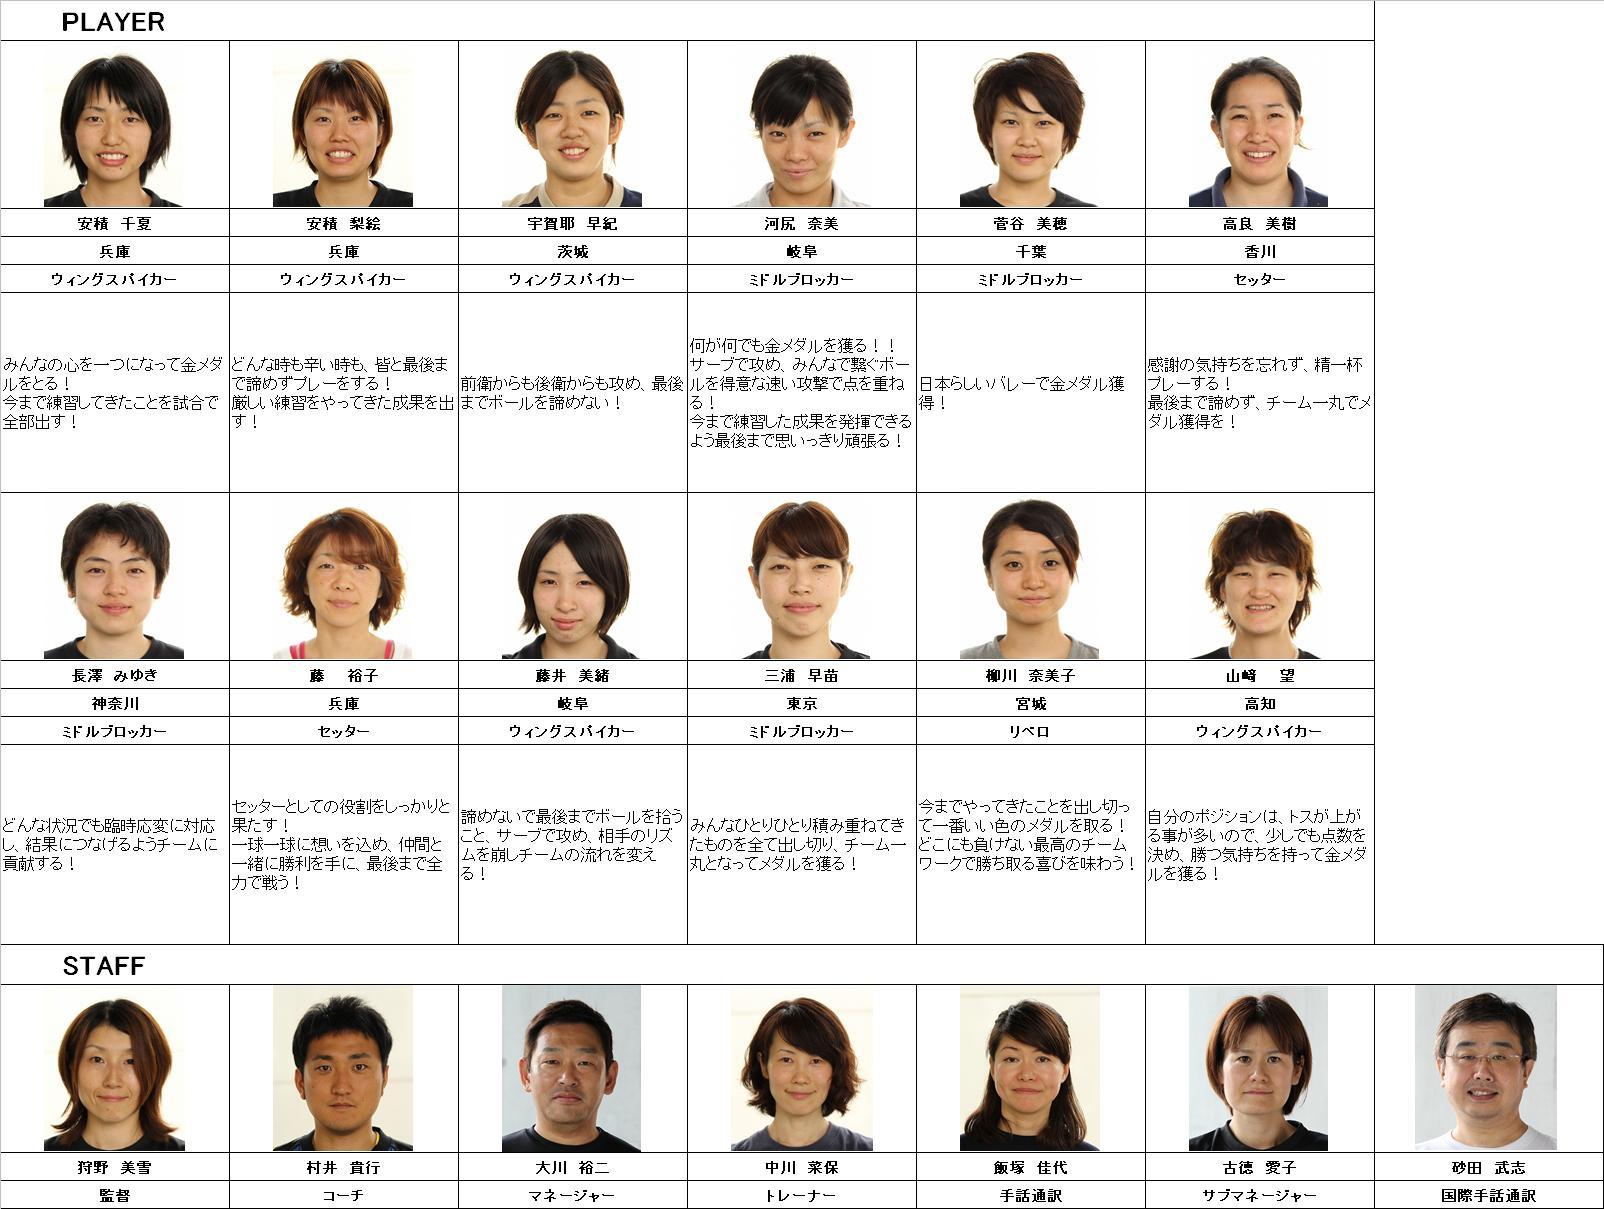 女子 日本 メンバー バレー